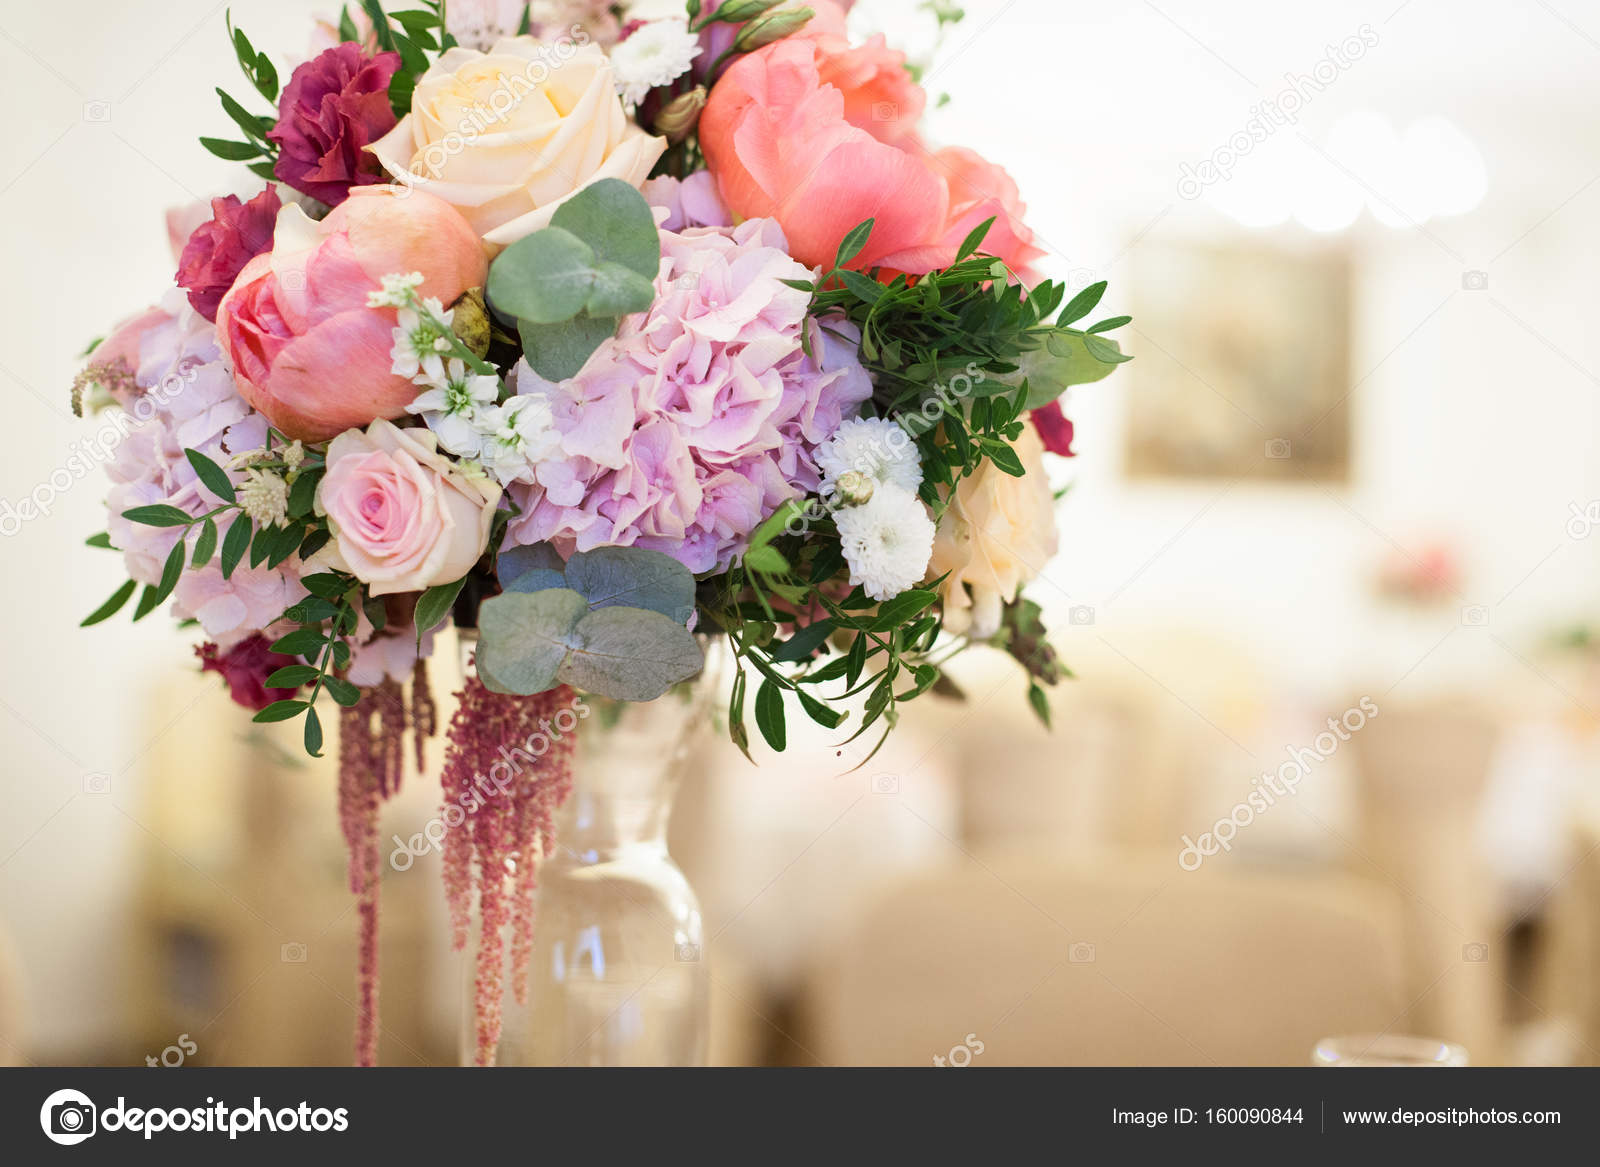 Fotos Flores Super Bonitas Bonita Decoracion De Mesa De Boda Con